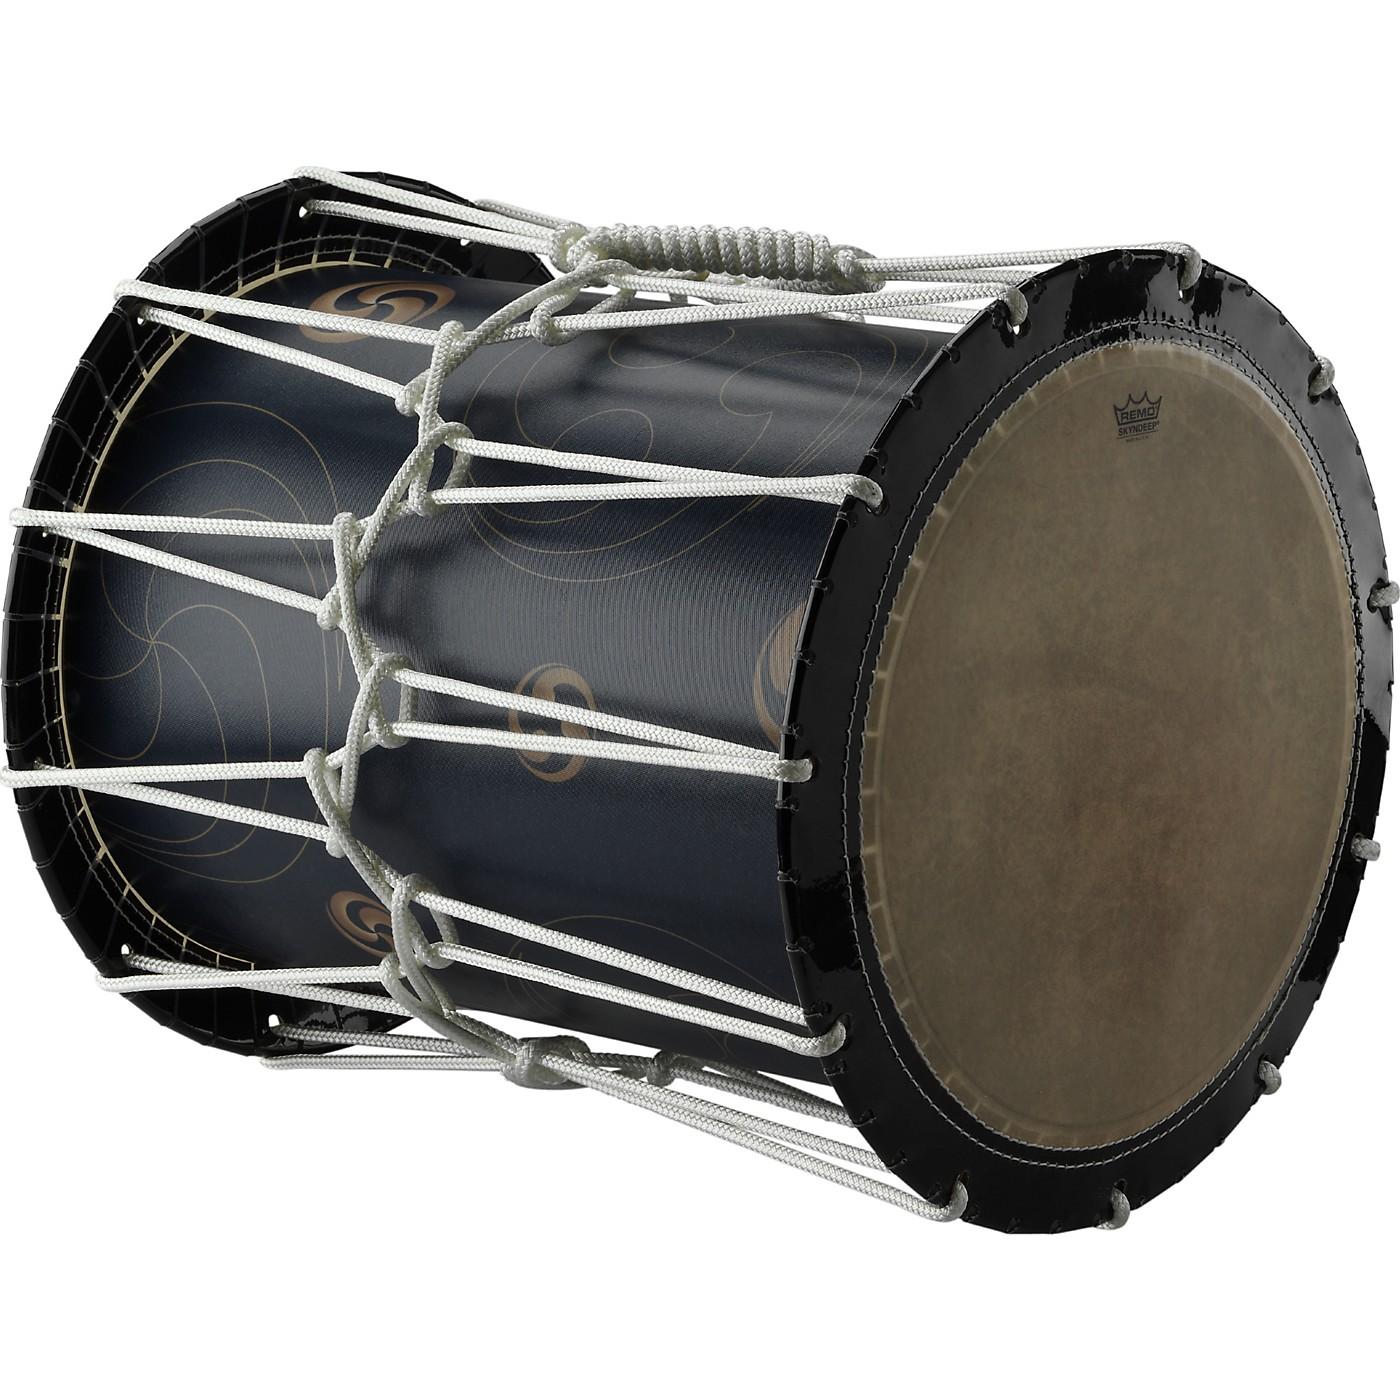 Remo Katsugi Okedaiko Rope-Tuned Drum with Bachi Sticks & Strap thumbnail